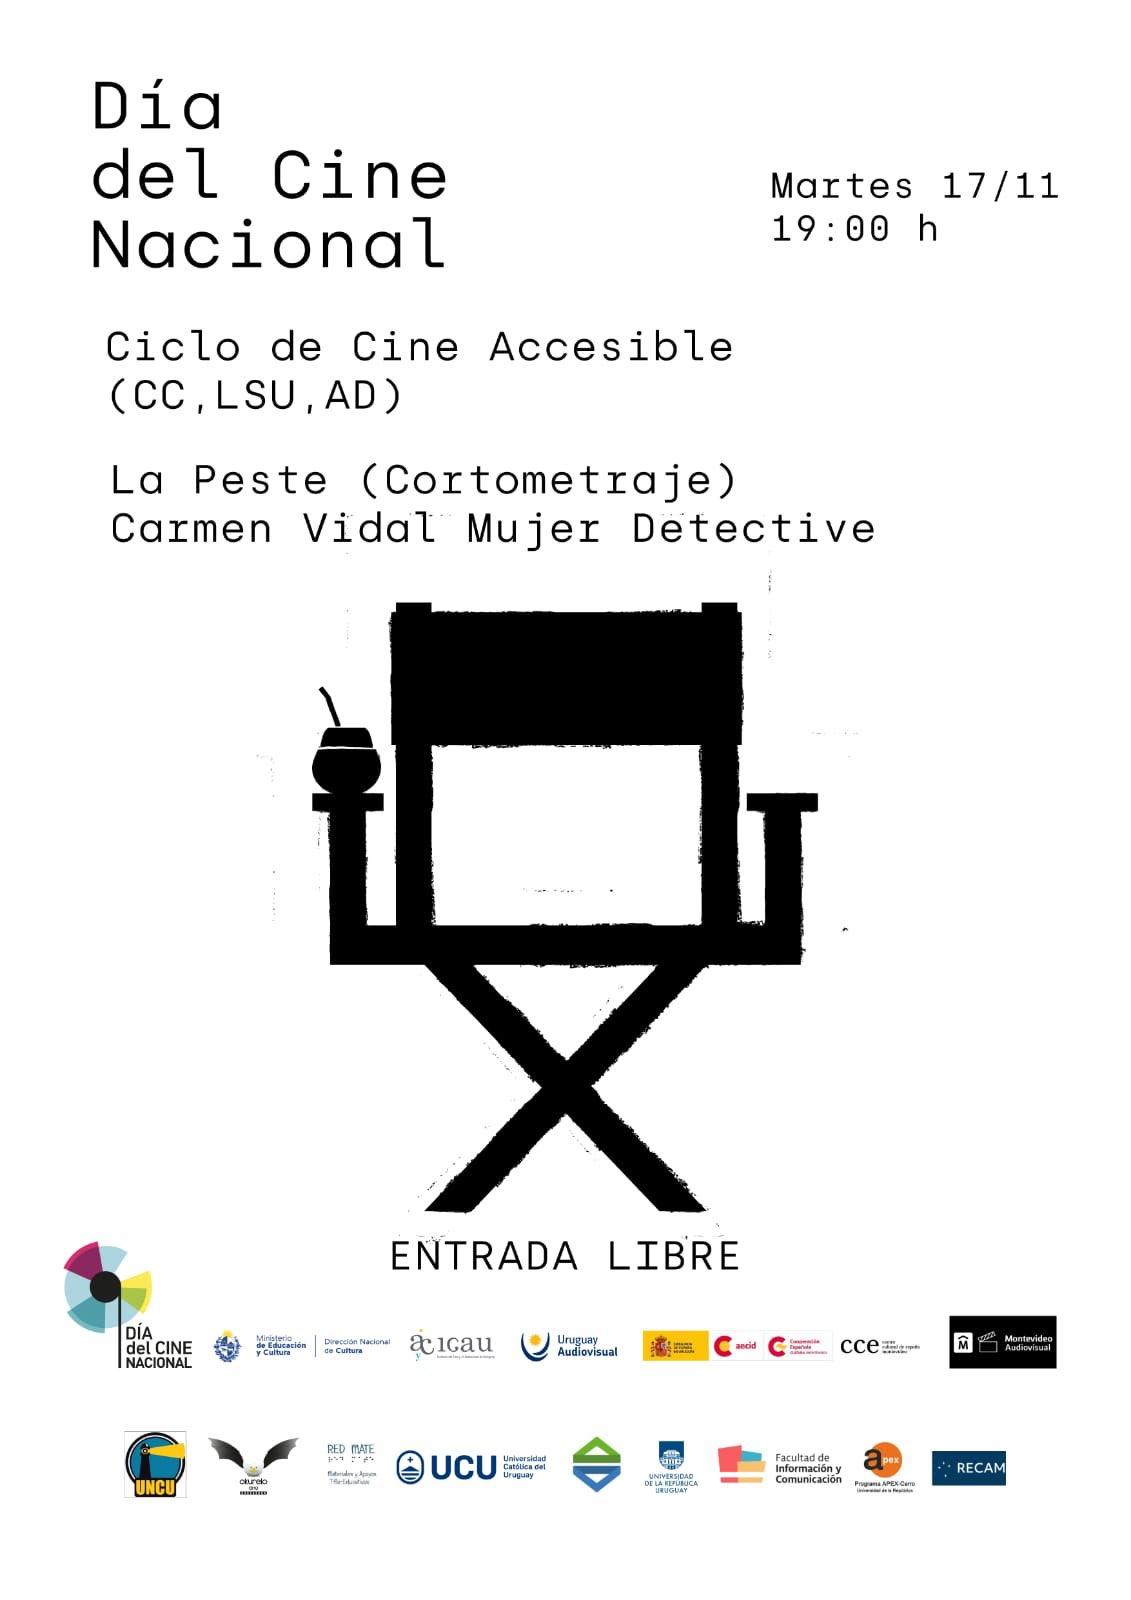 Día del Cine Nacional en Uruguay 2020